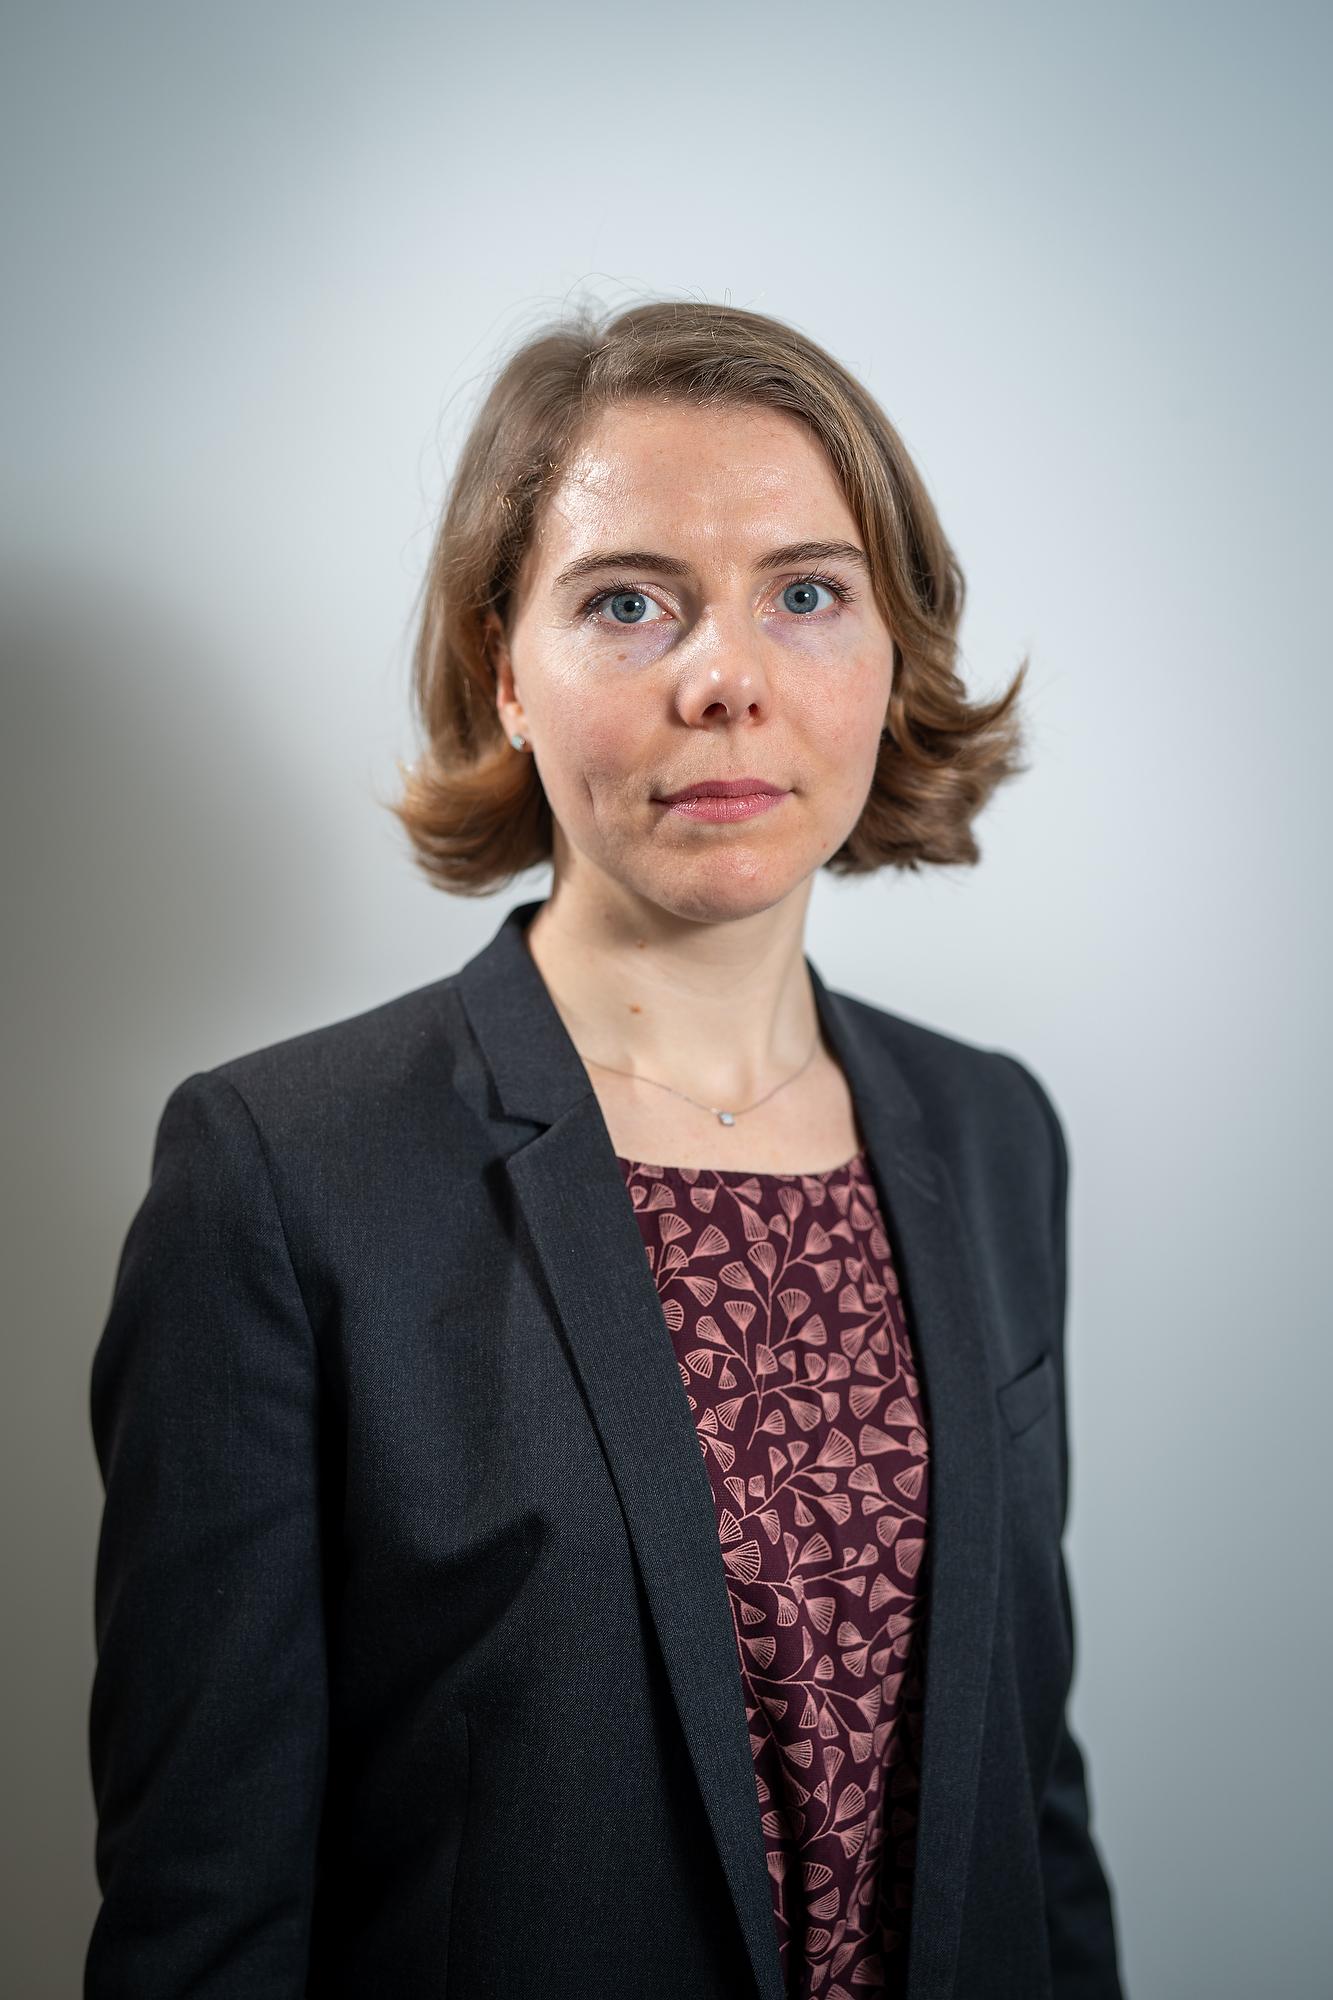 Naomi Trewinnard